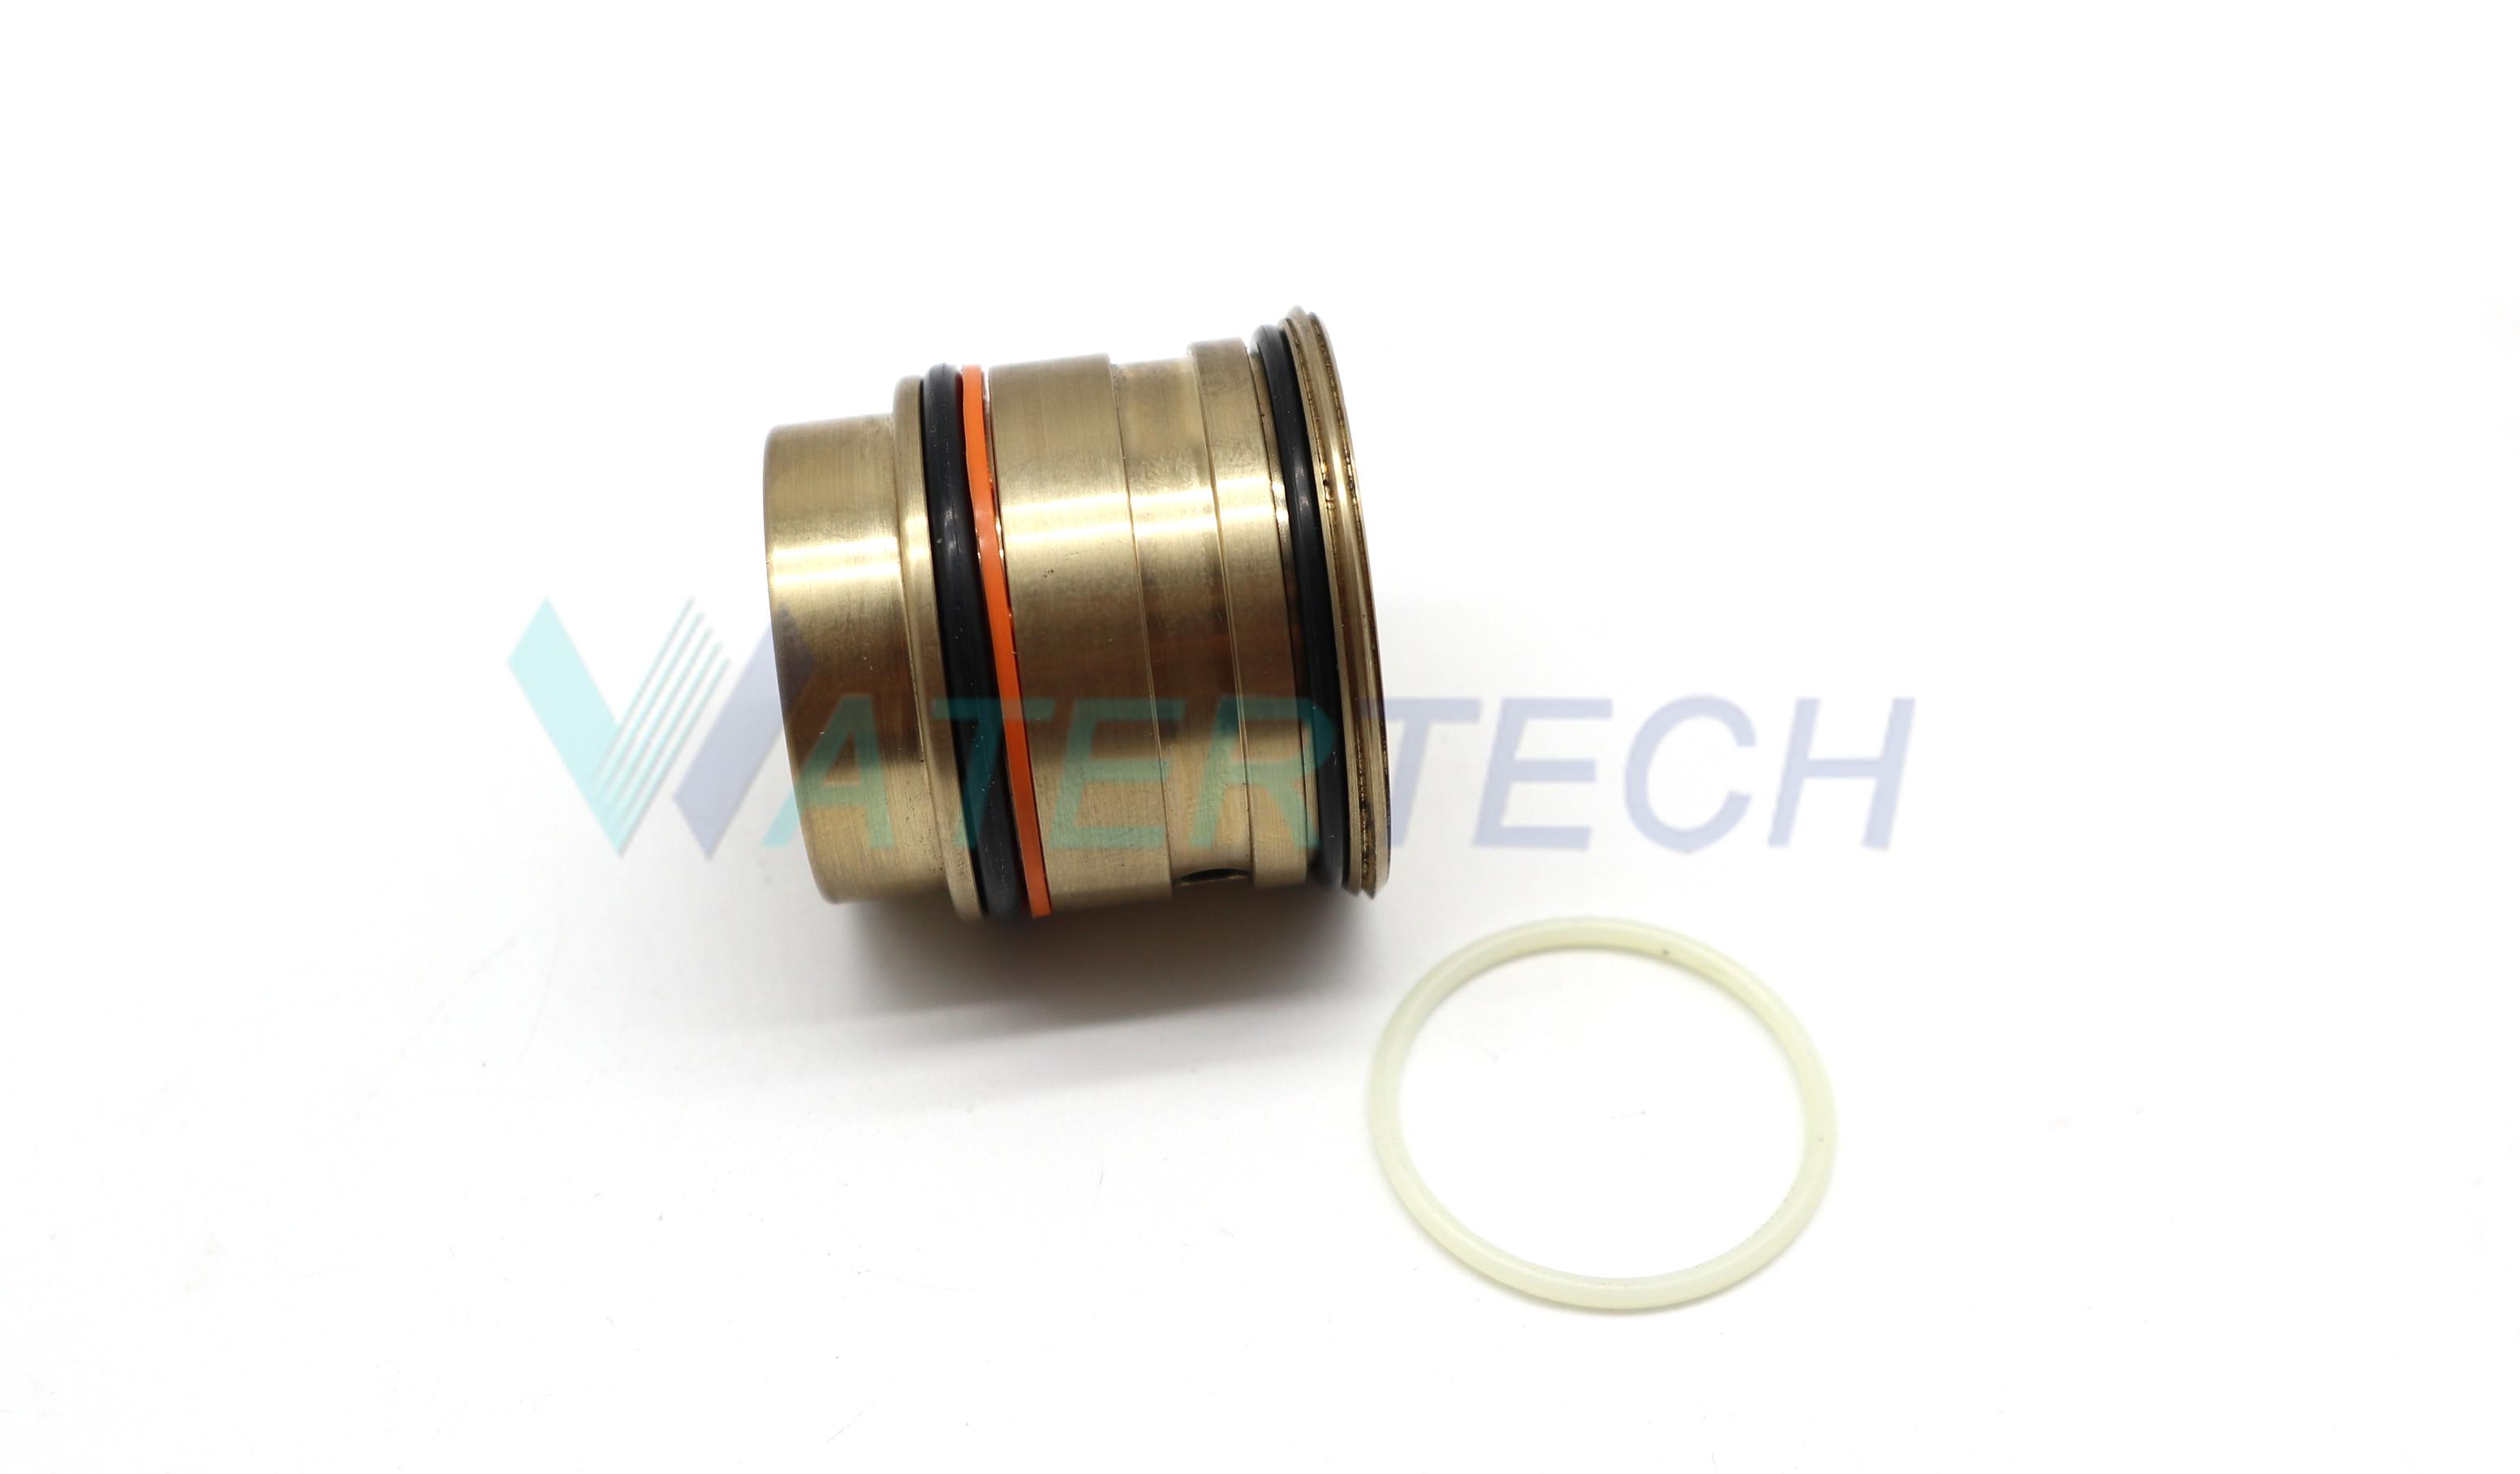 WT 05130091 Hydraulic Seal Cartridge for Waterjet Intensifer